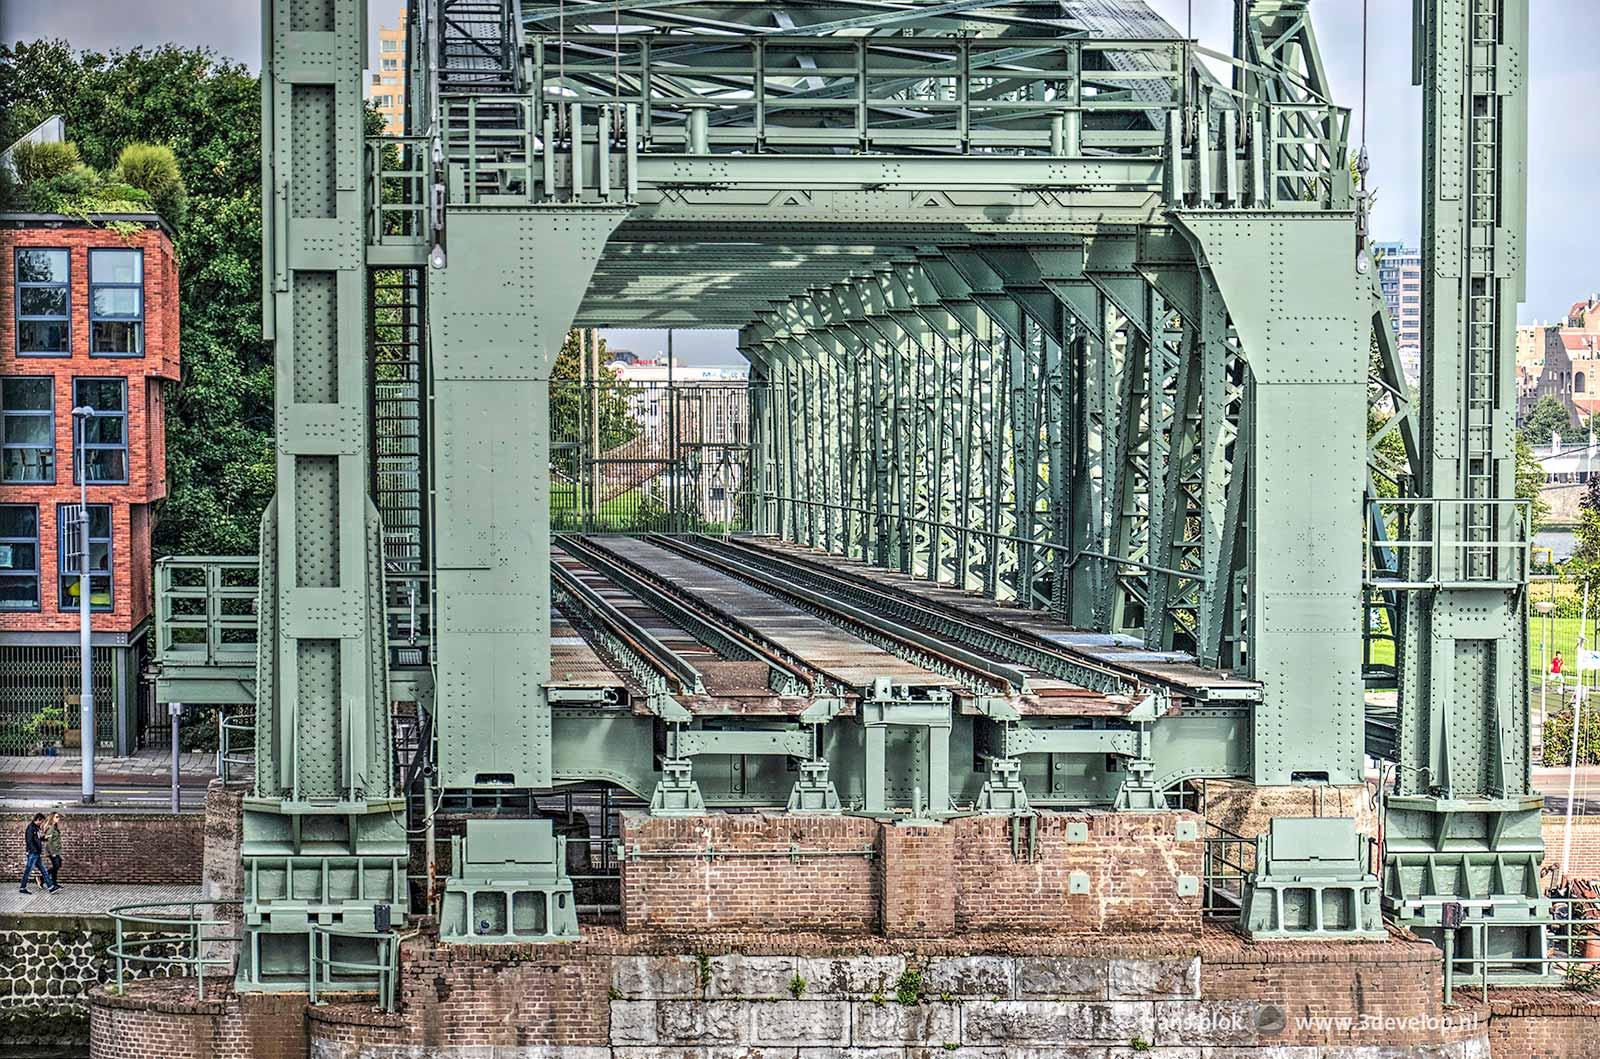 De noordelijke aanbrug van De Hef, gezien vanuit de machinekamer tijdens de Open Monumentendagen 2017